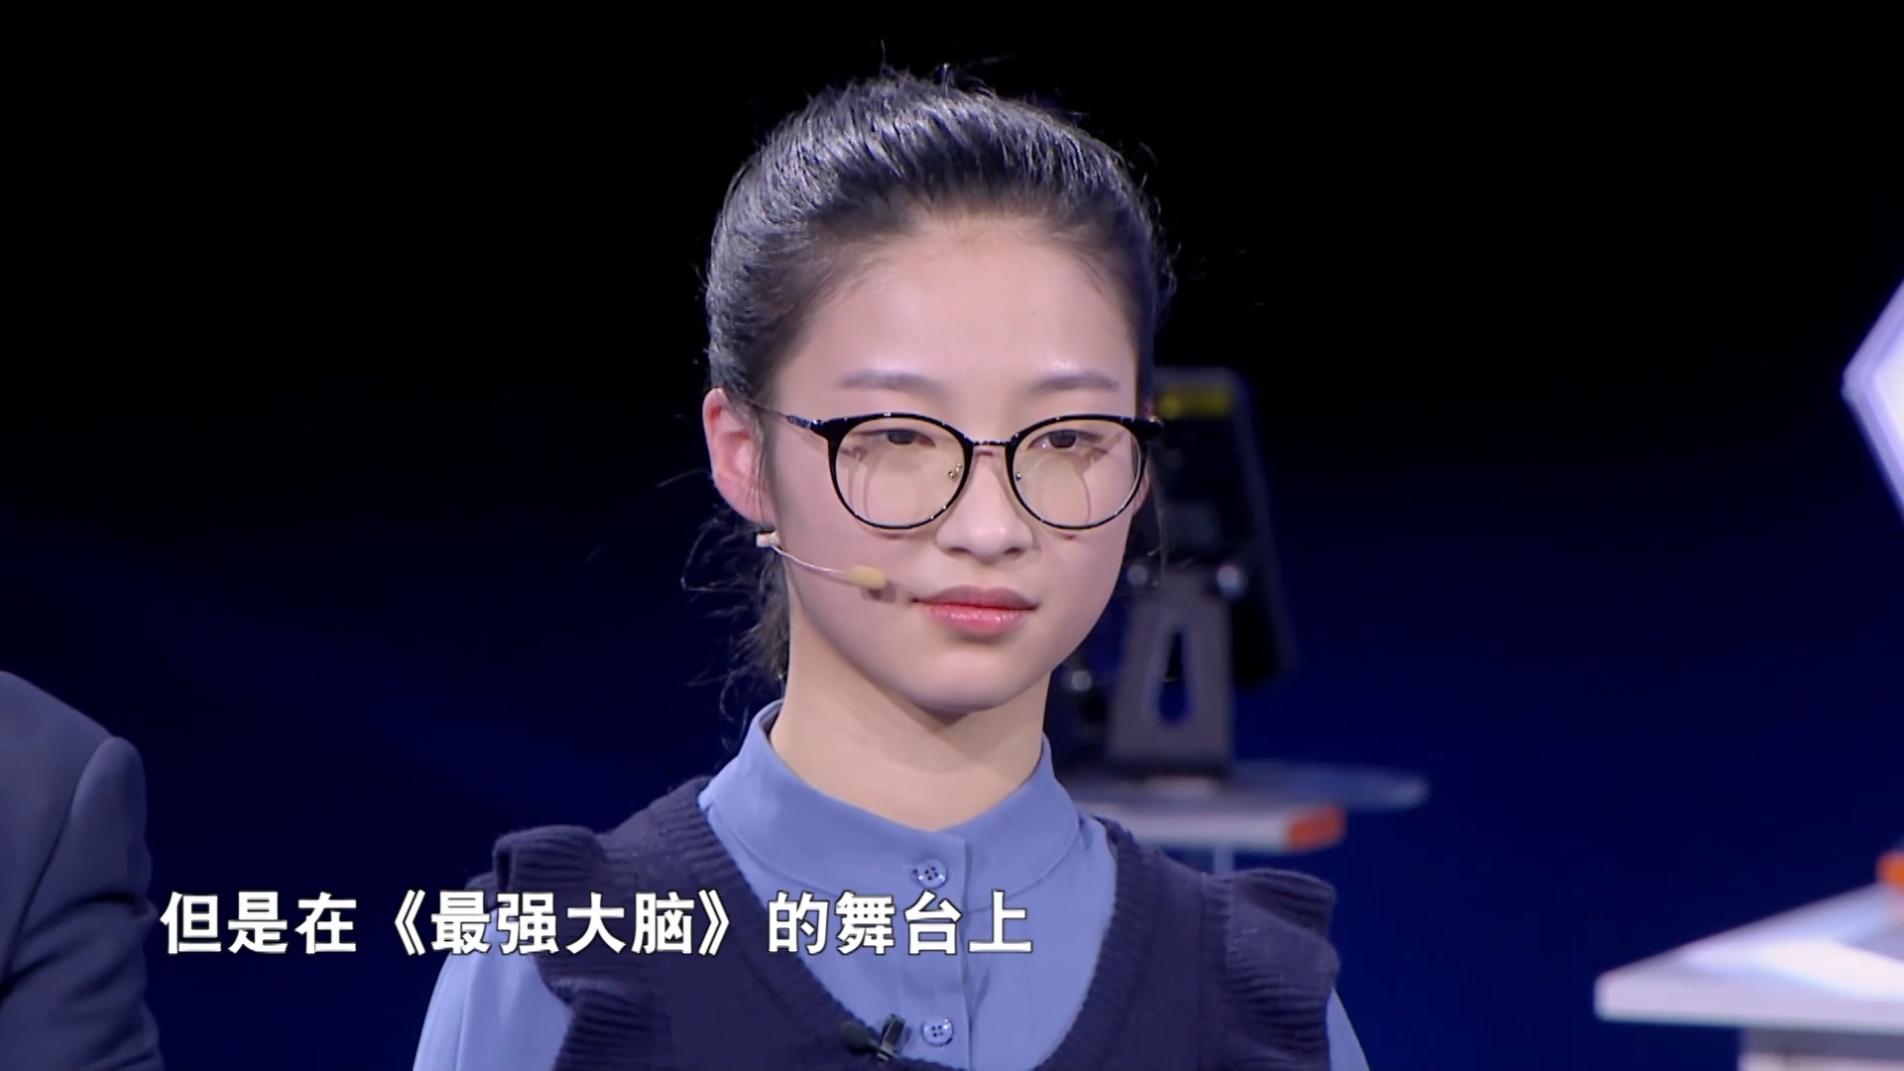 《最强大脑》:她被四个男孩淘汰,看着赢家笑中有泪